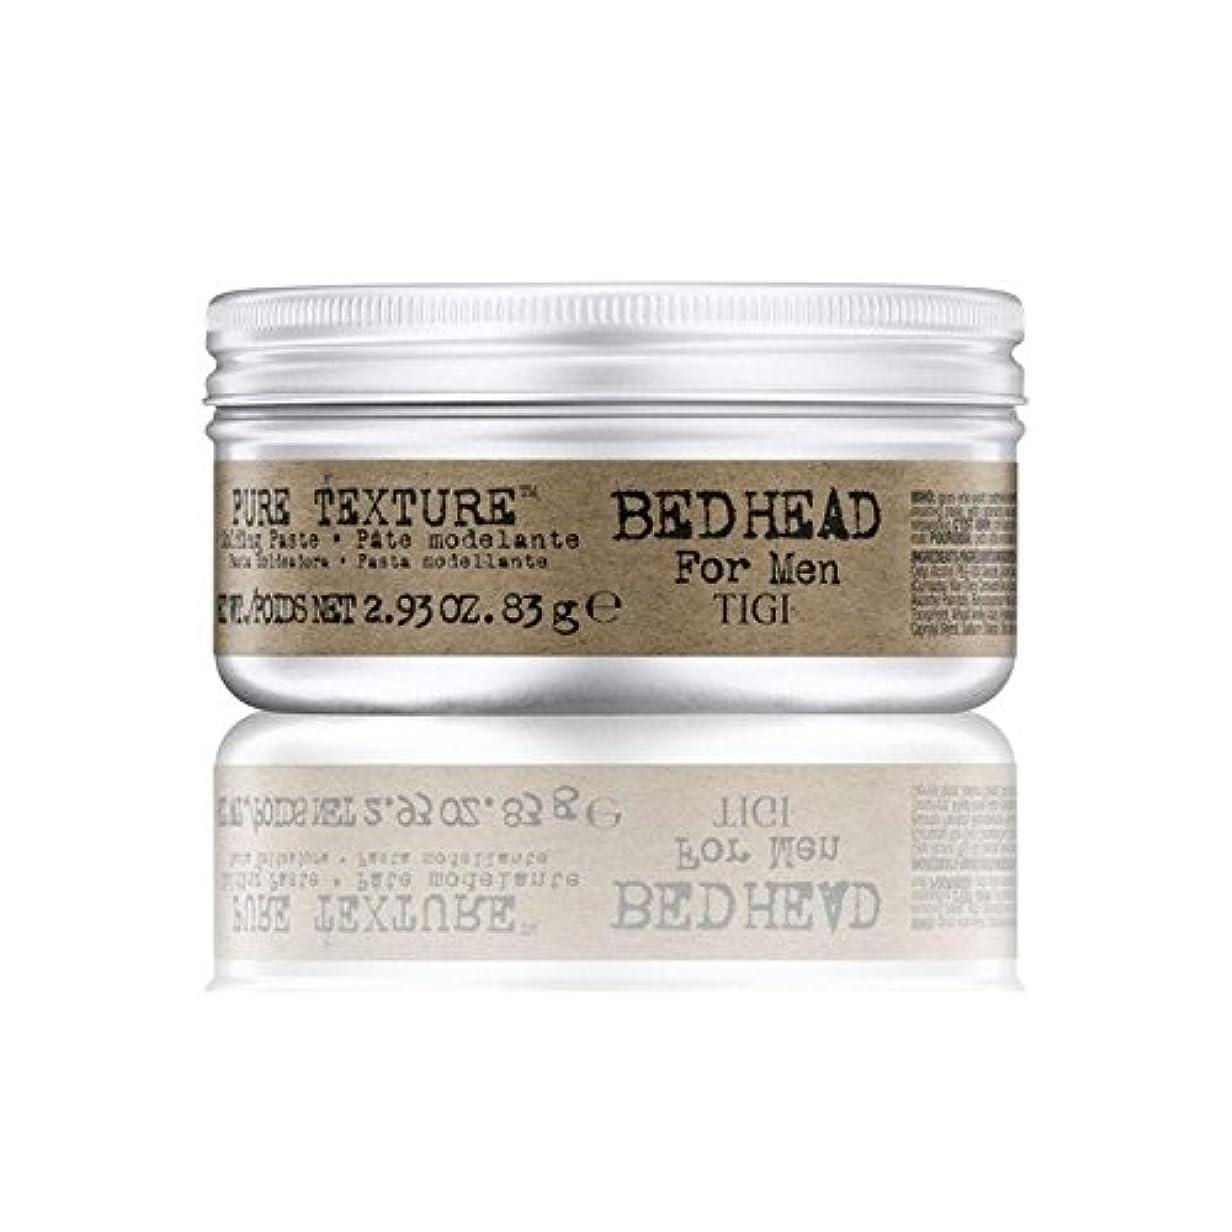 段階ショッピングセンター危険なTigi Bed Head For Men Pure Texture Molding Paste (83G) - 男性の純粋なテクスチャーモールディングペースト(83グラム)のためのティジーベッドヘッド [並行輸入品]